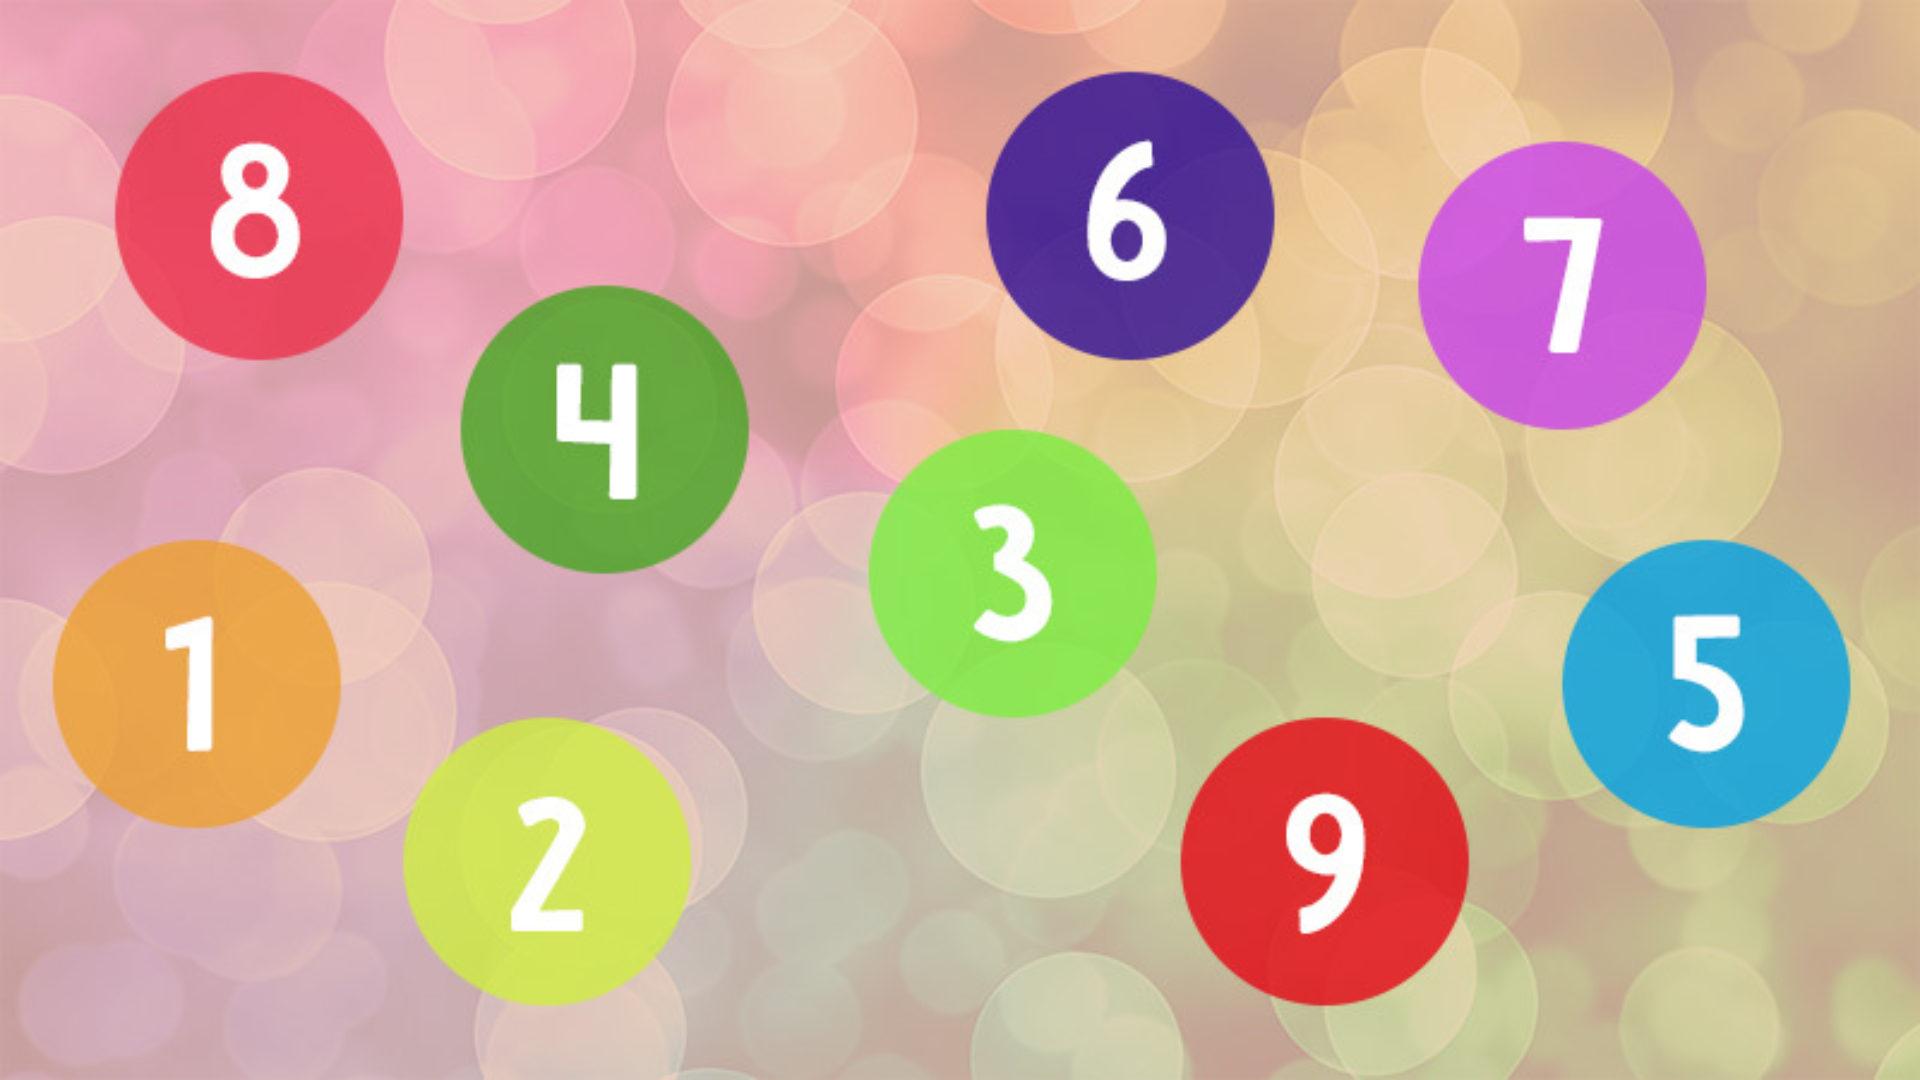 De 9 types van het enneagram